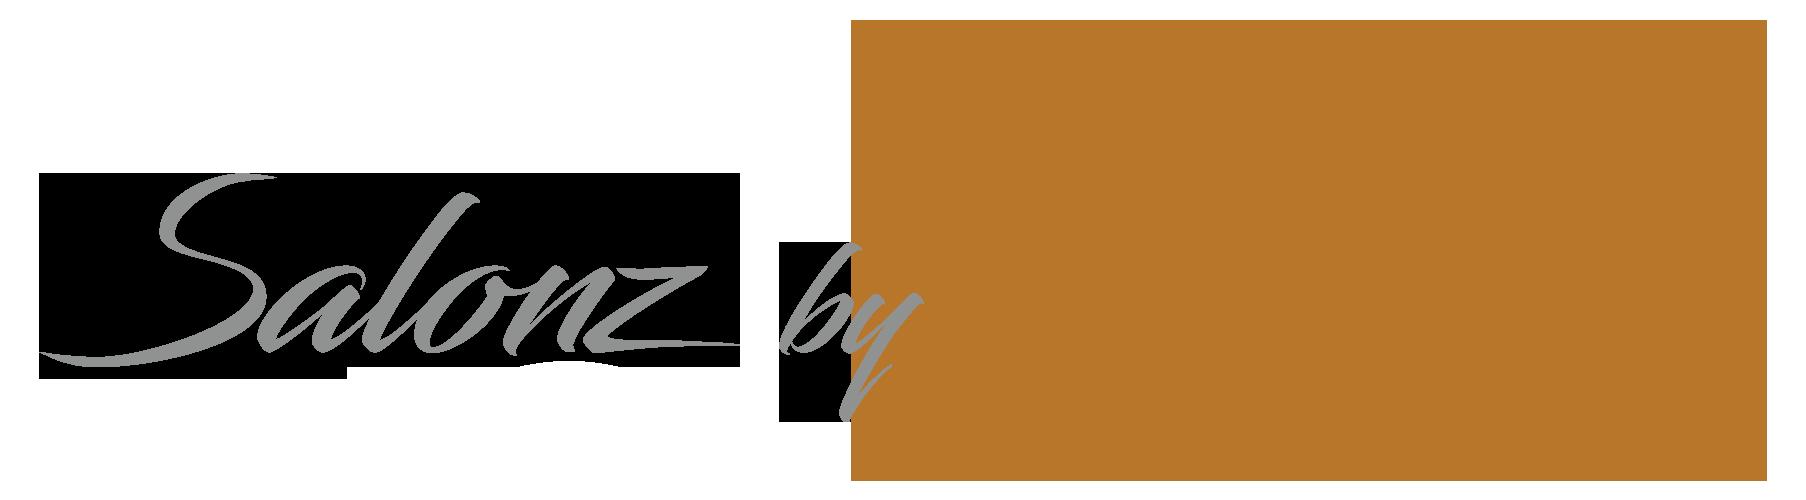 Salonz by Wynne